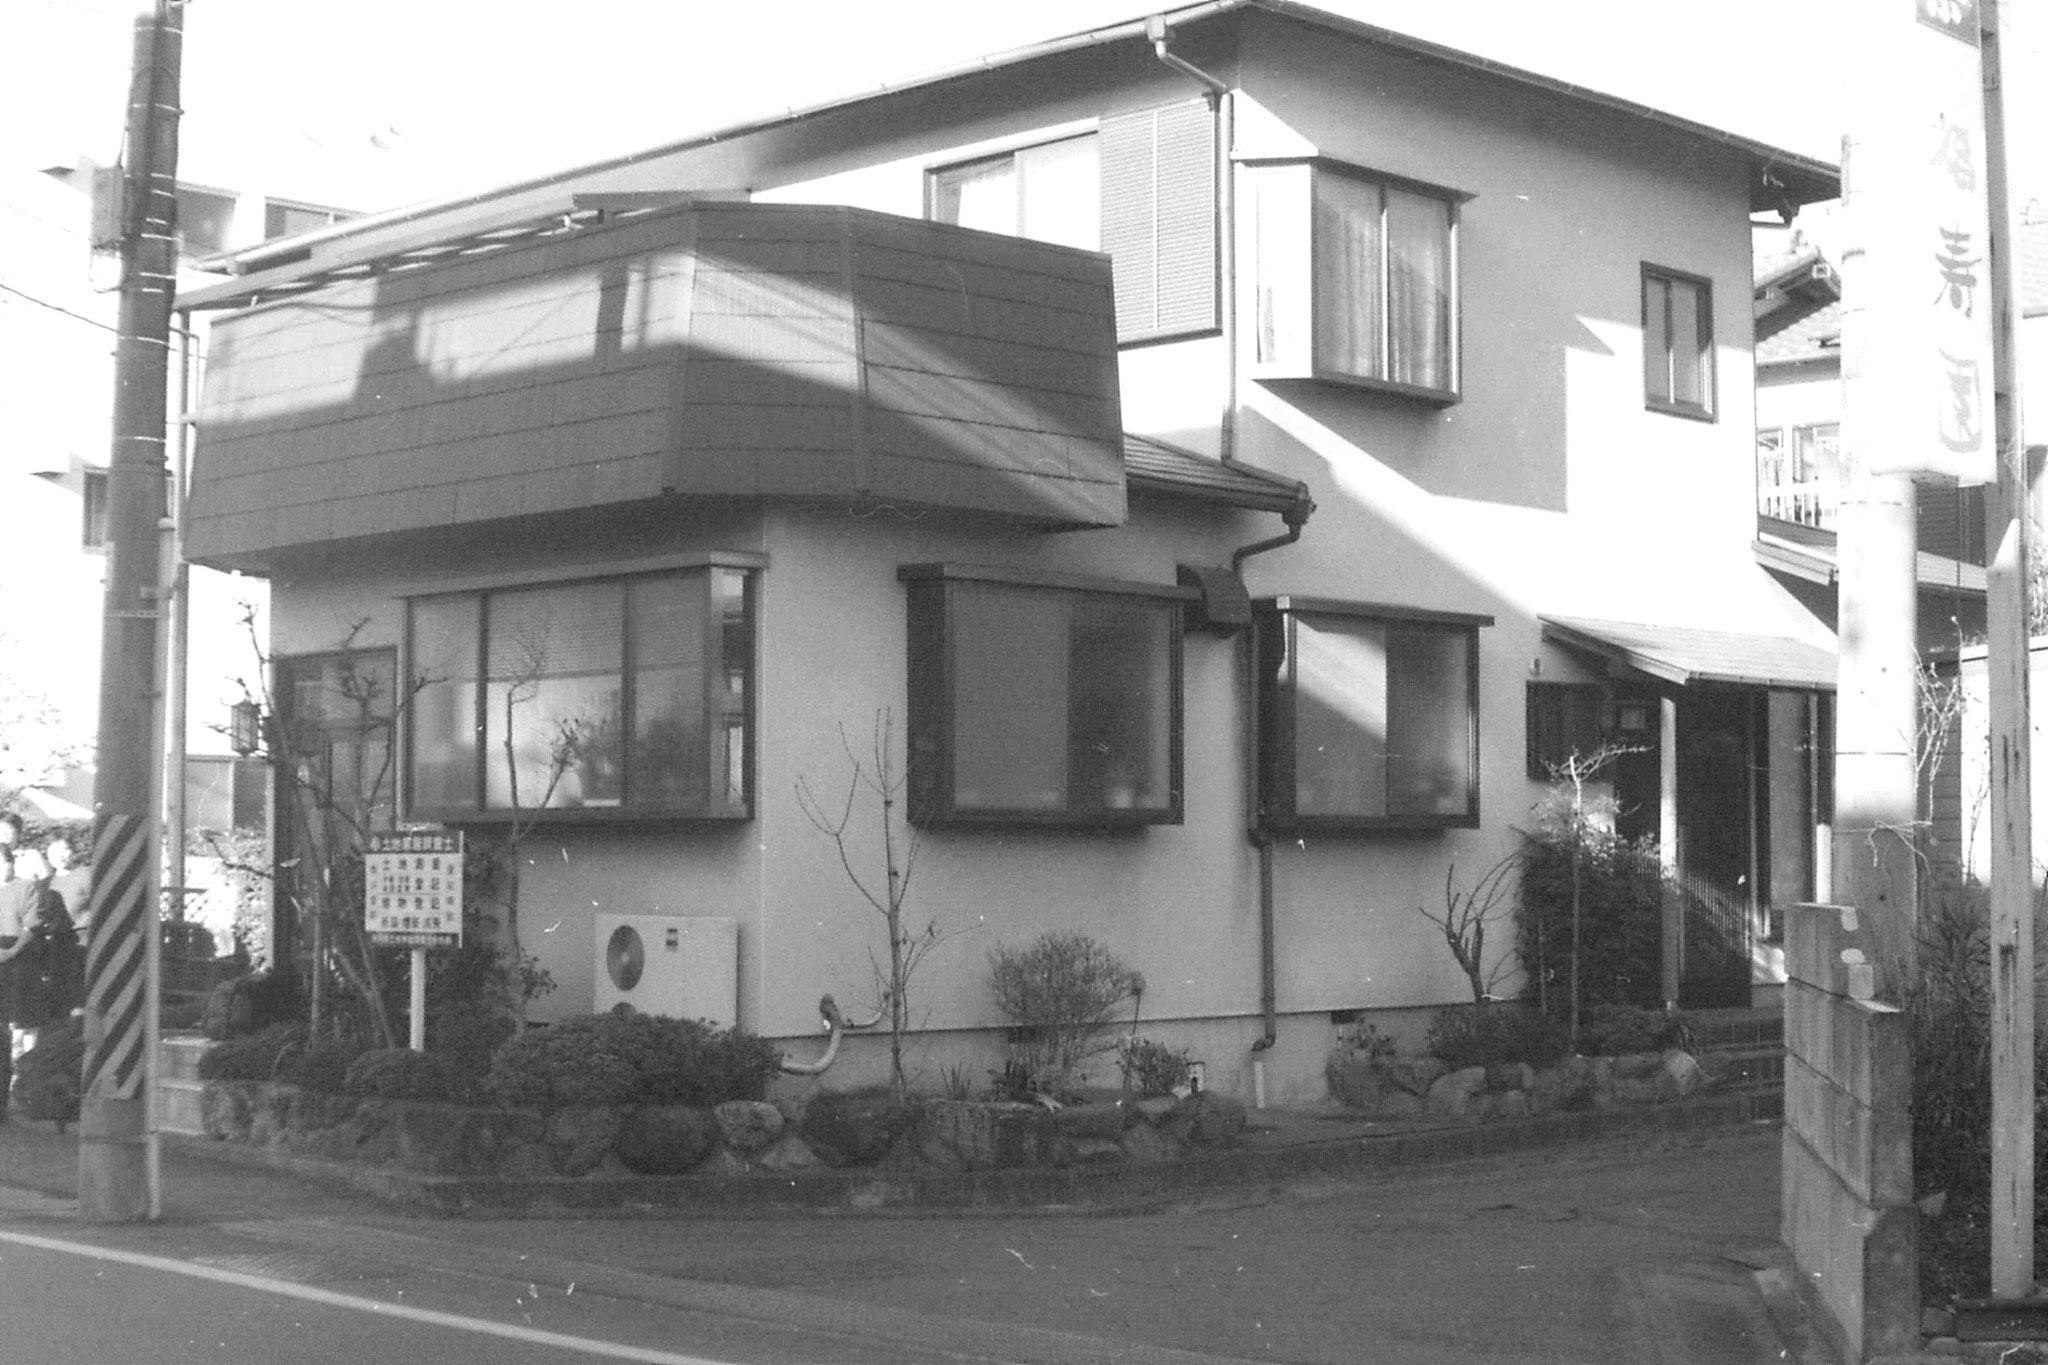 28/1/1989: 22:Hanedas' house